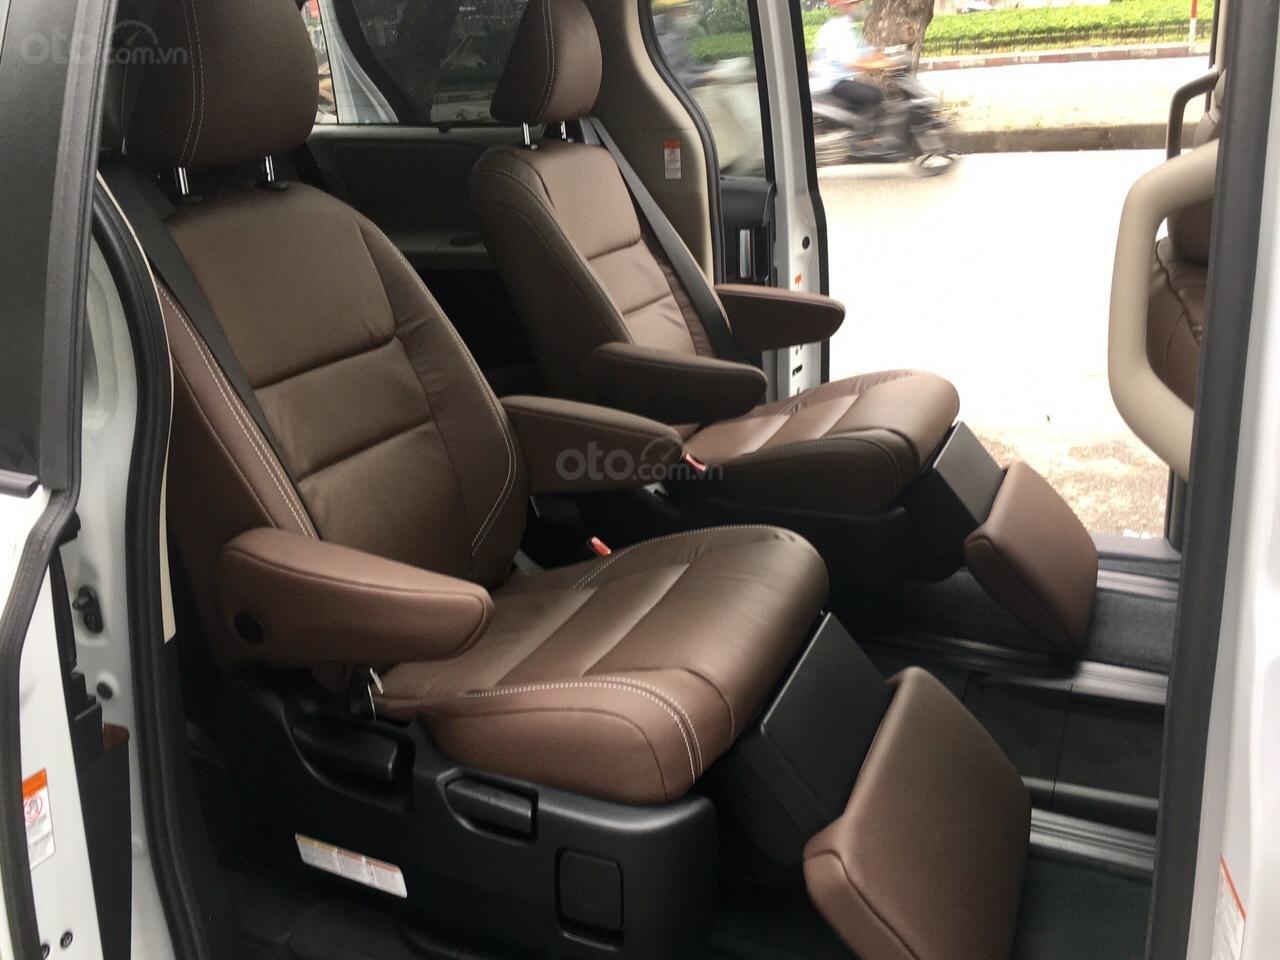 Bán Toyota Sienna Limited sản xuất 2019, mới 100%, đủ màu giao ngay, giá rẻ nhất -6